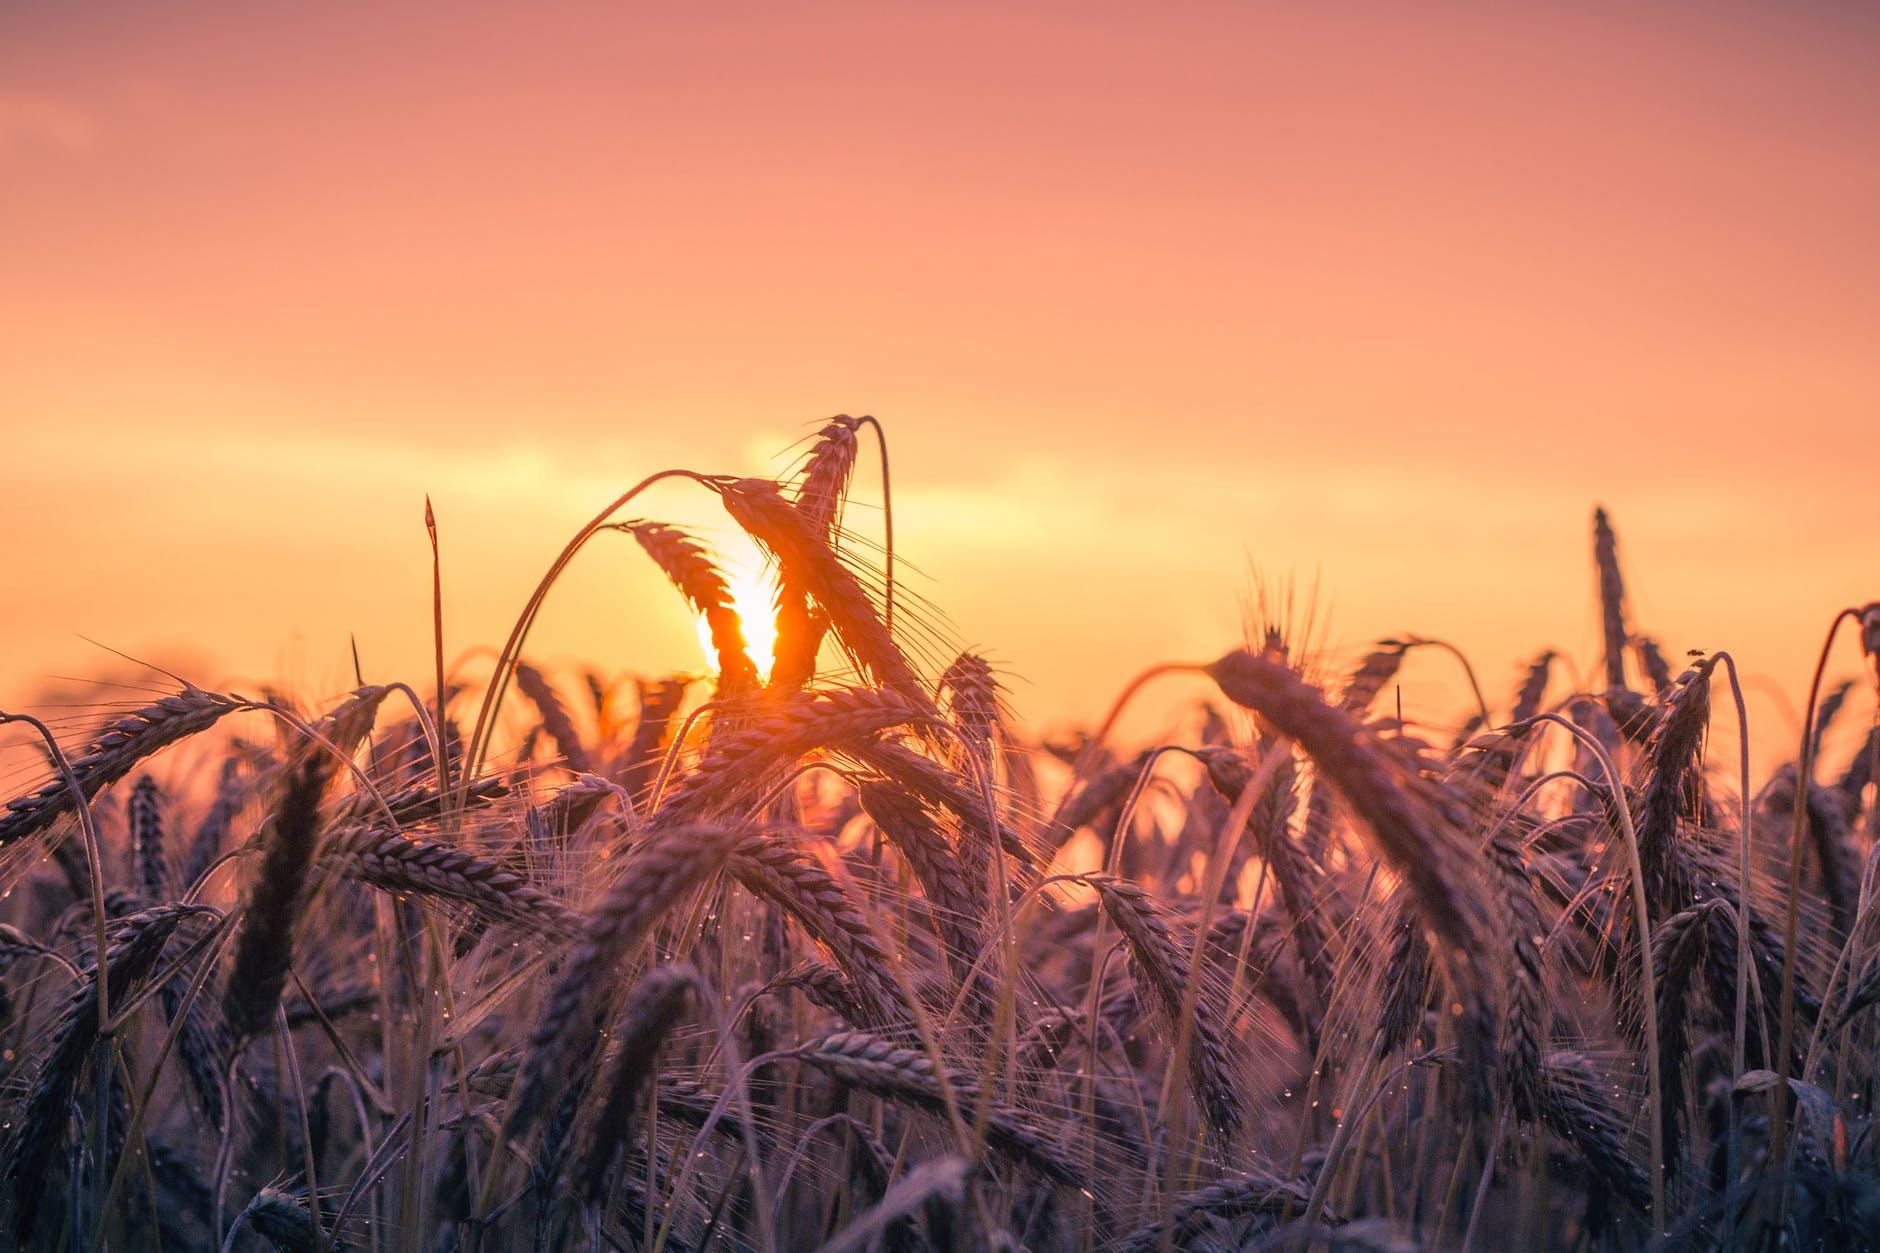 cereali-spighe-sole-cielo-sun-sky